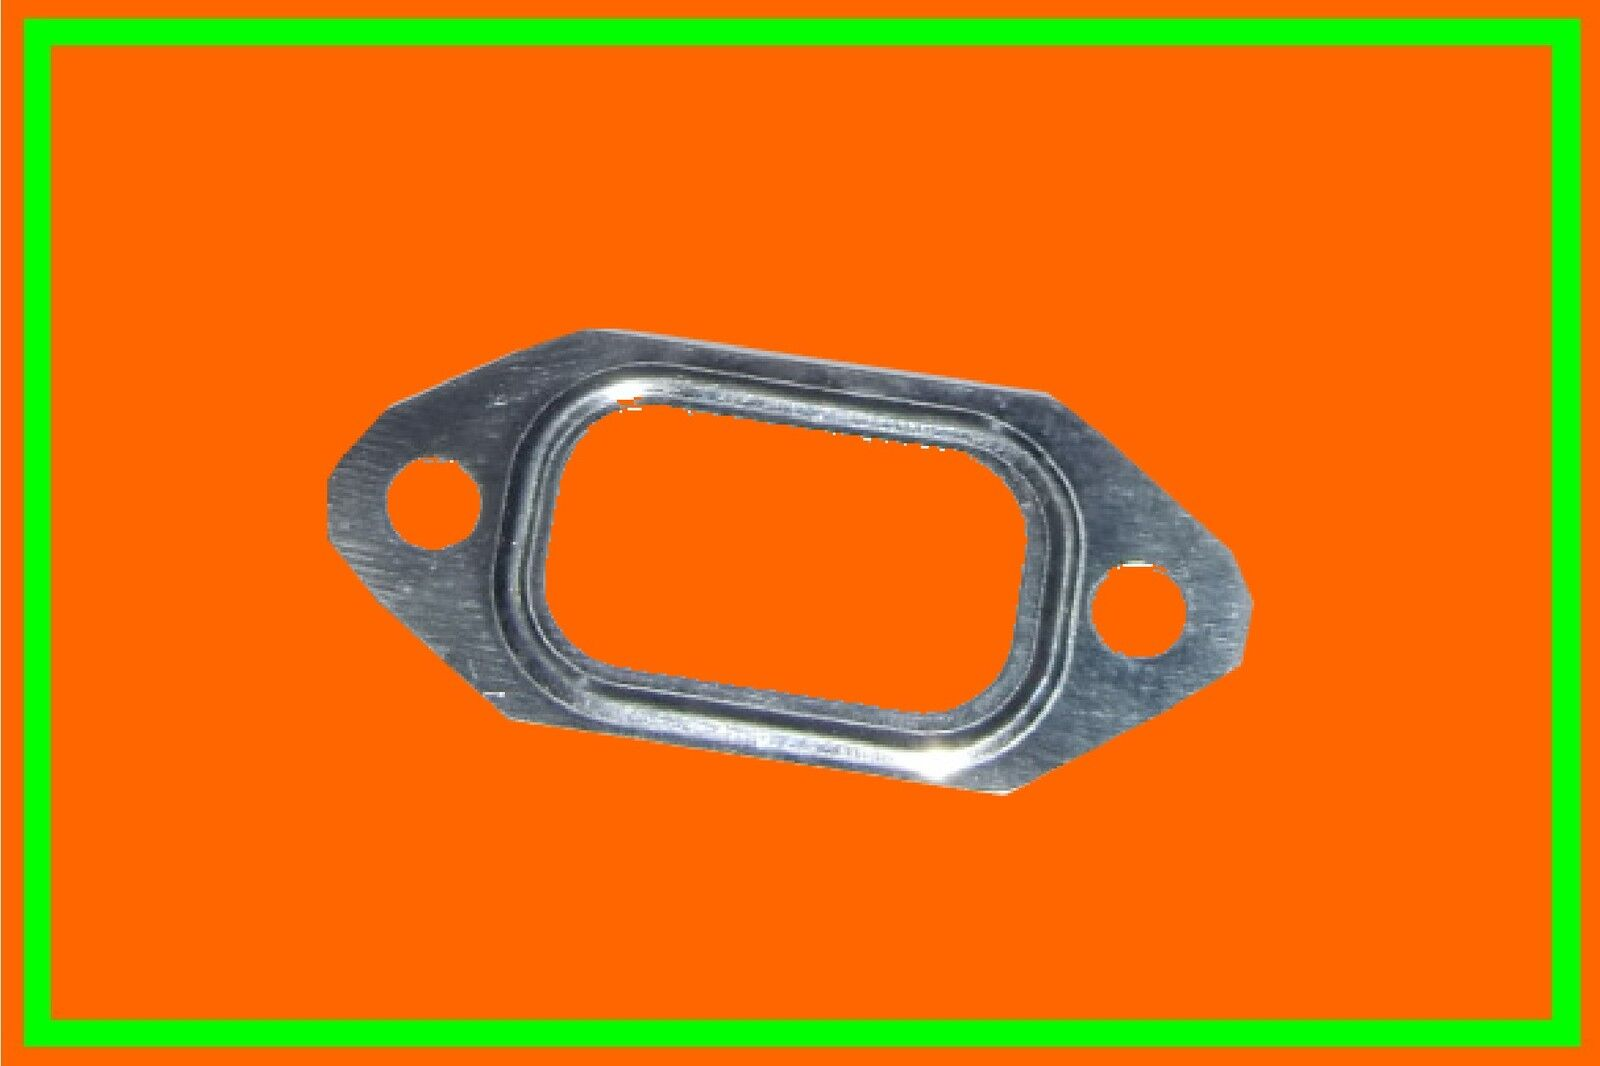 2x Impulsschlauch für Stihl 030 031 032 024 026 MS240 MS260 MS AV 240 260